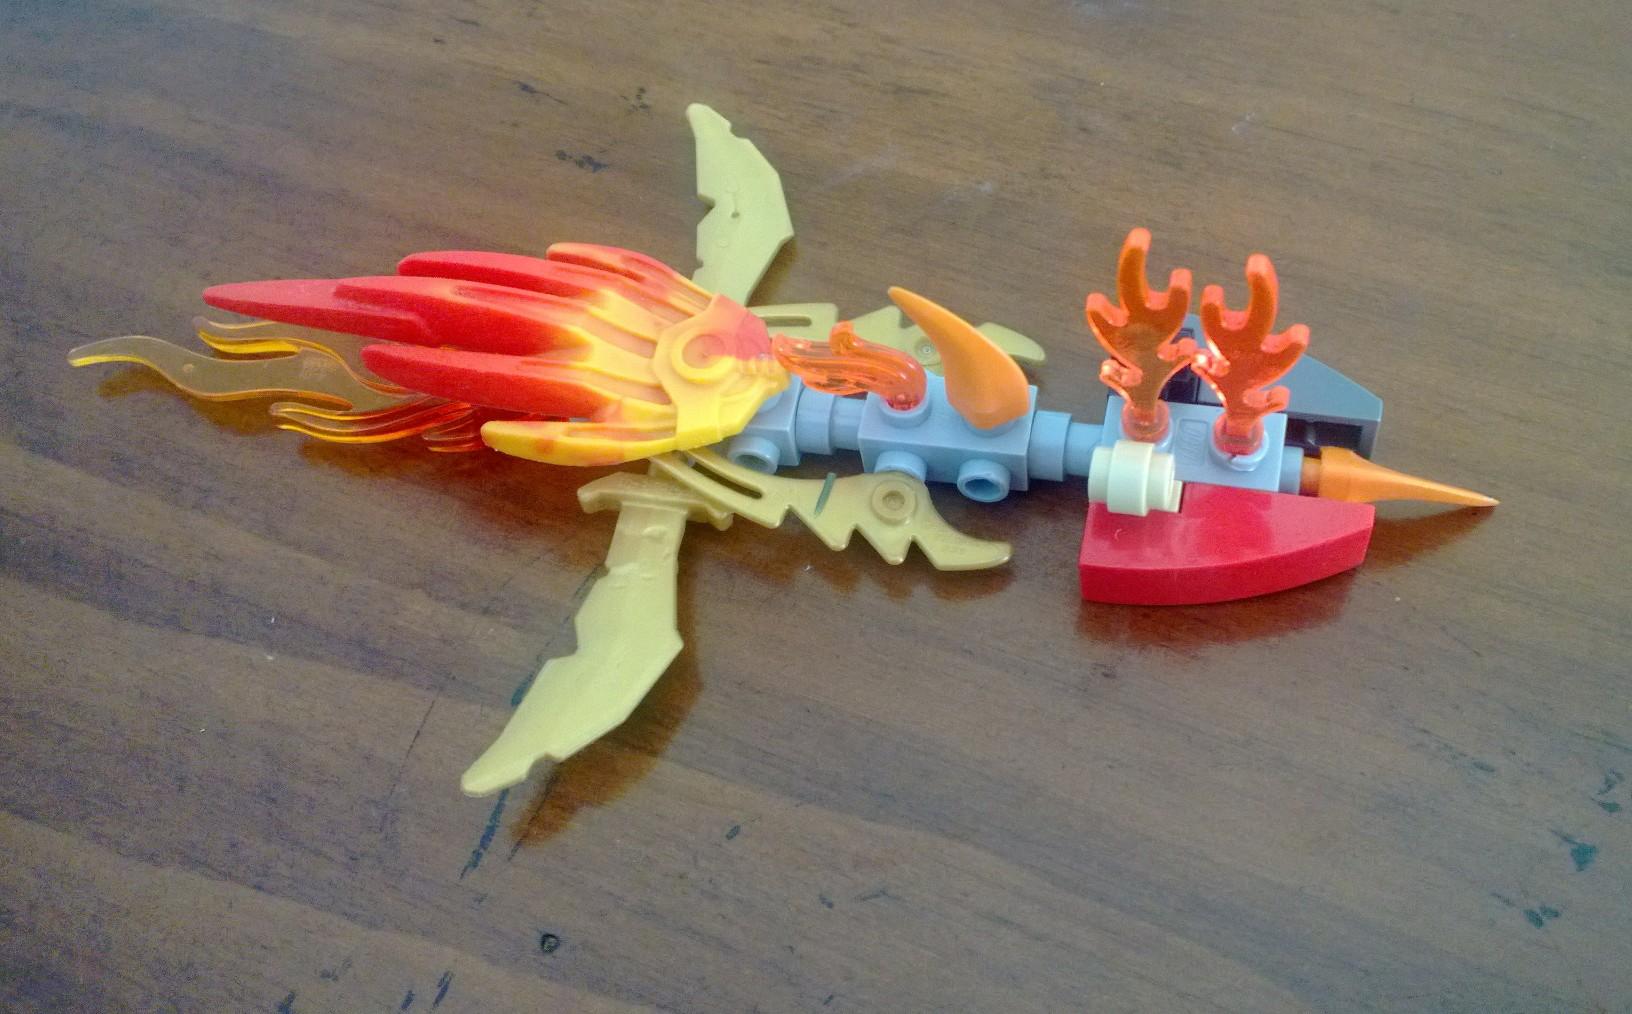 Lego Phoenix